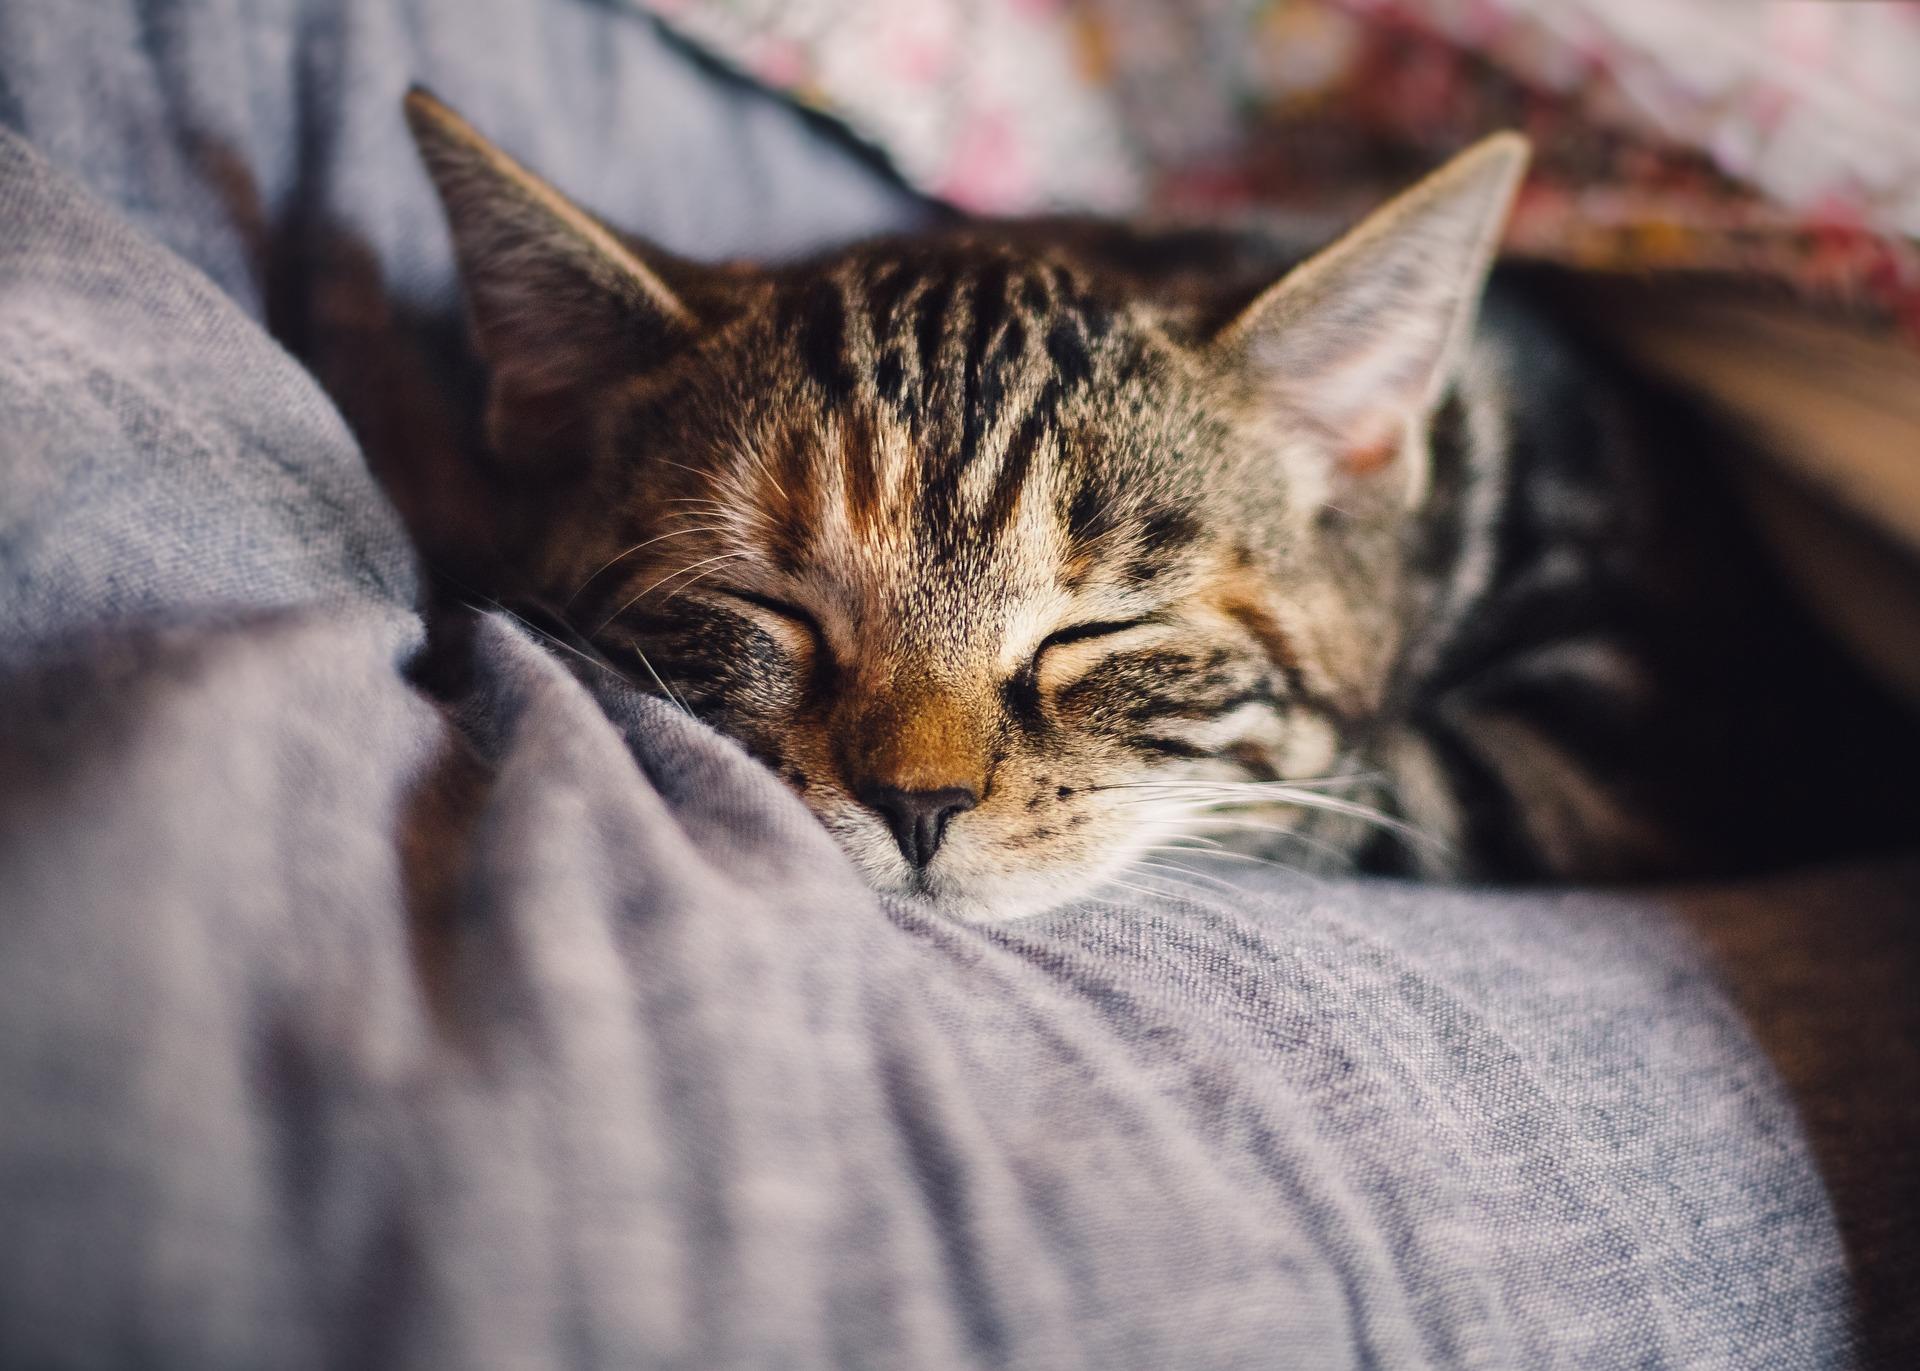 Setelah operasi steril, kucing perlu banyak istirahat